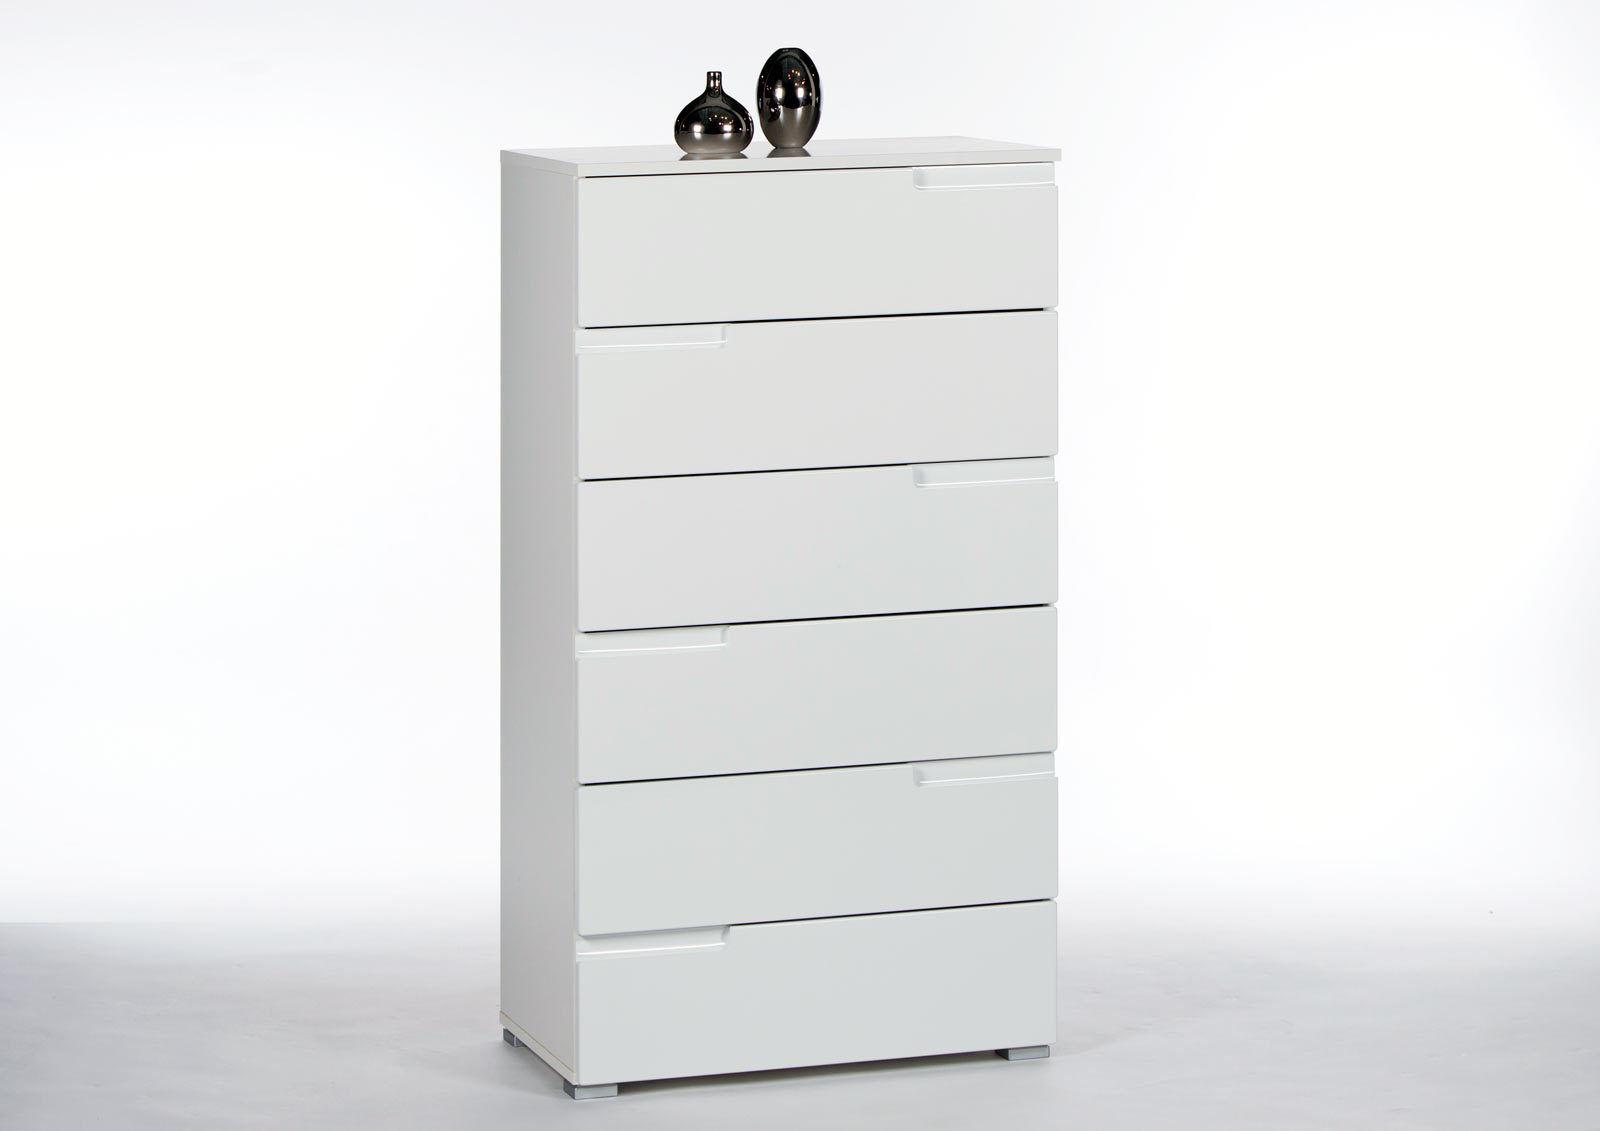 Liebenswert Schubladenkommode Galerie Von Spice 3 In Hochglanz Weiß